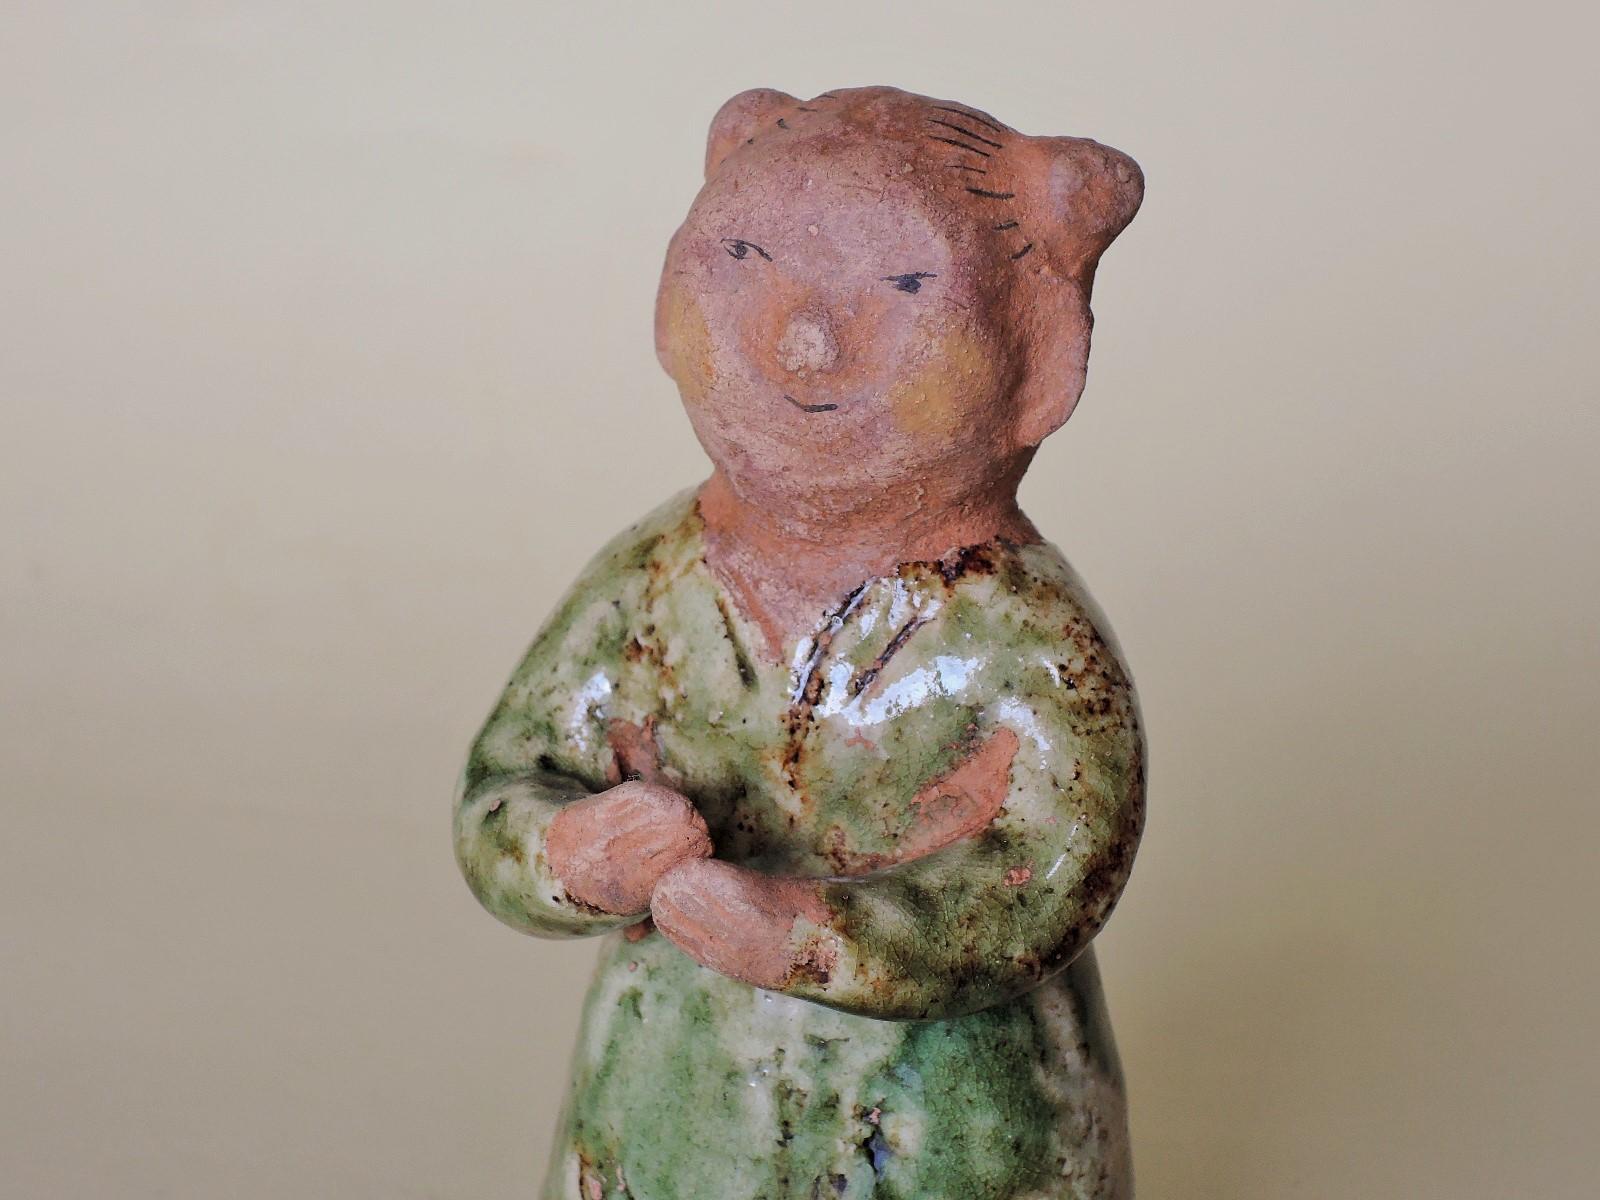 濱比嘉詩子さん陶彫人形 可愛い女の子